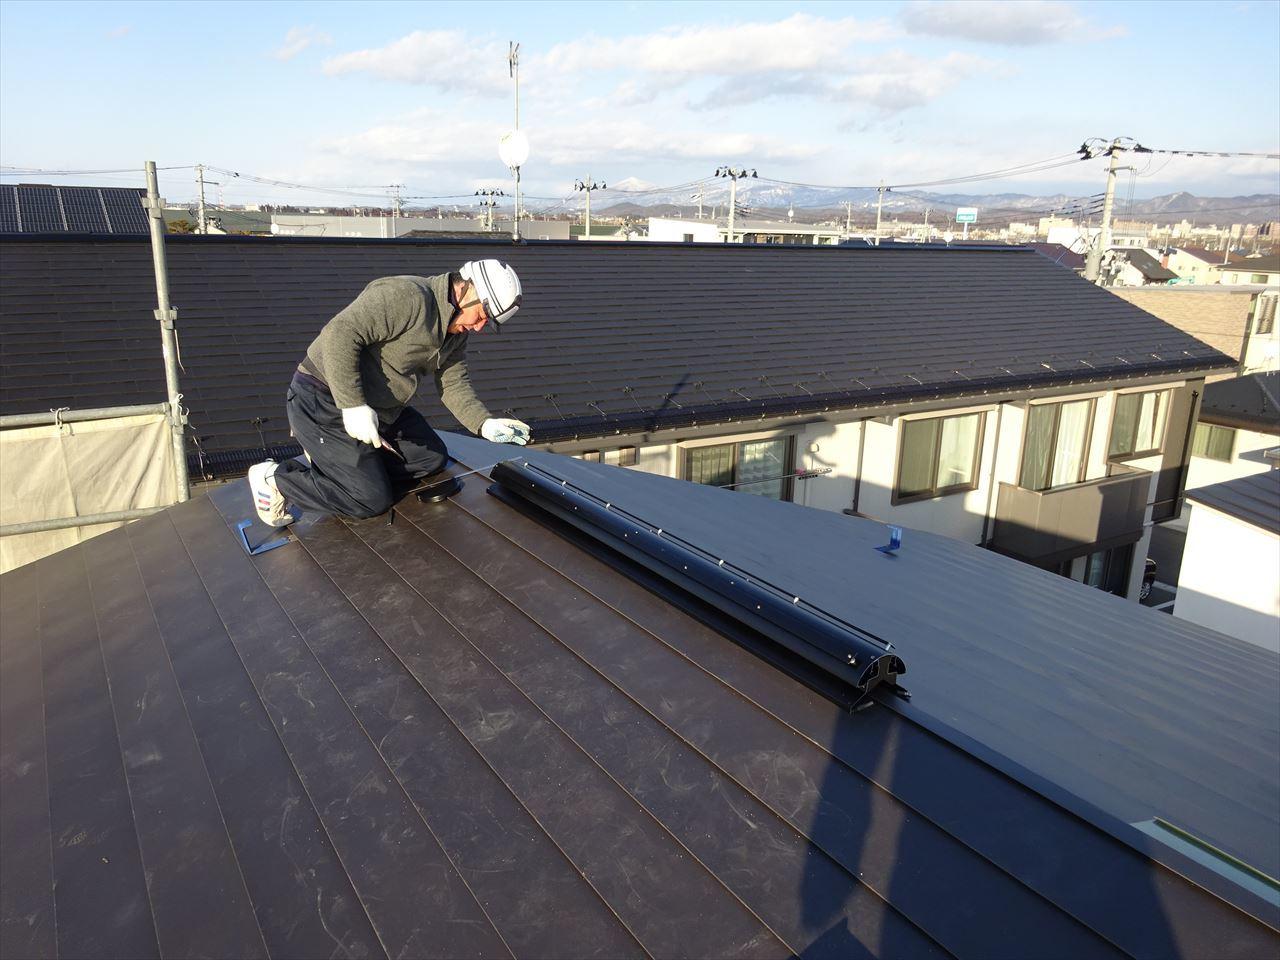 下太田 古材新築の家 建て方作業進行中です。_f0105112_04272483.jpg